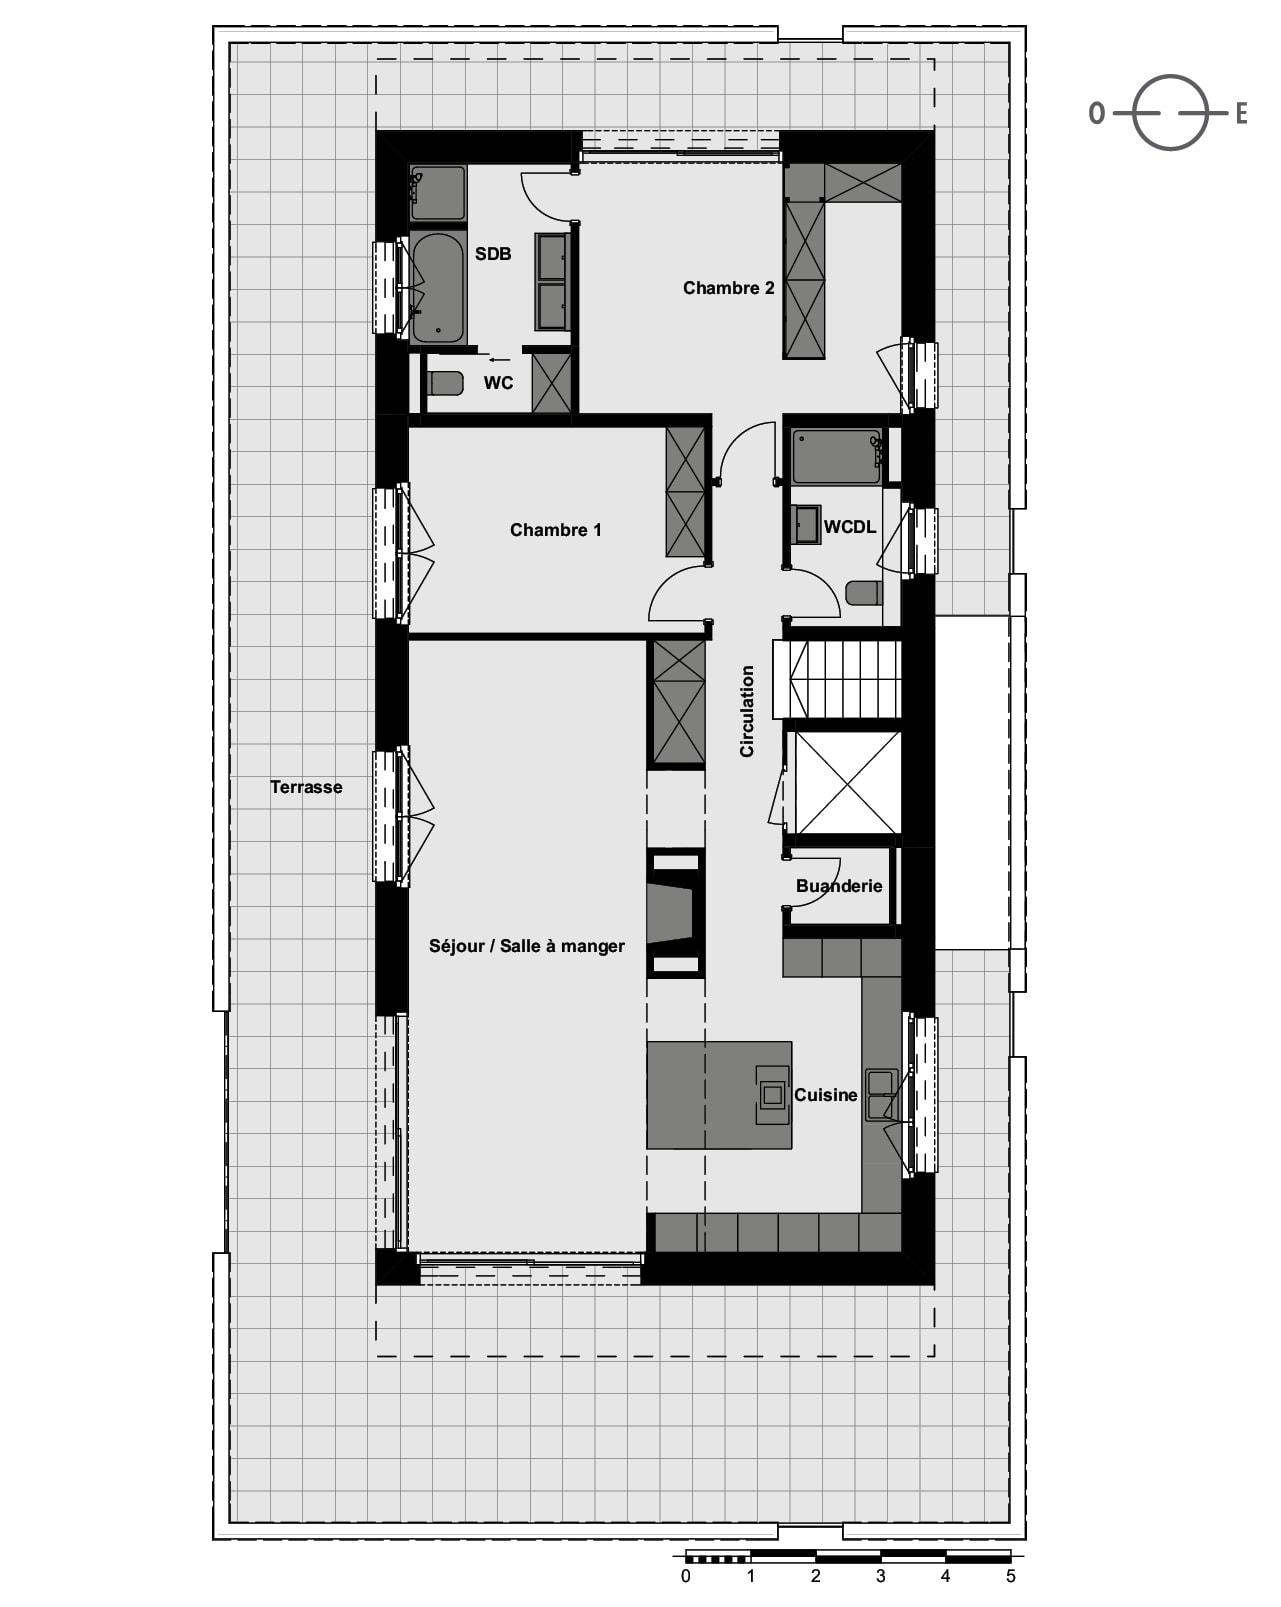 B5 Plan